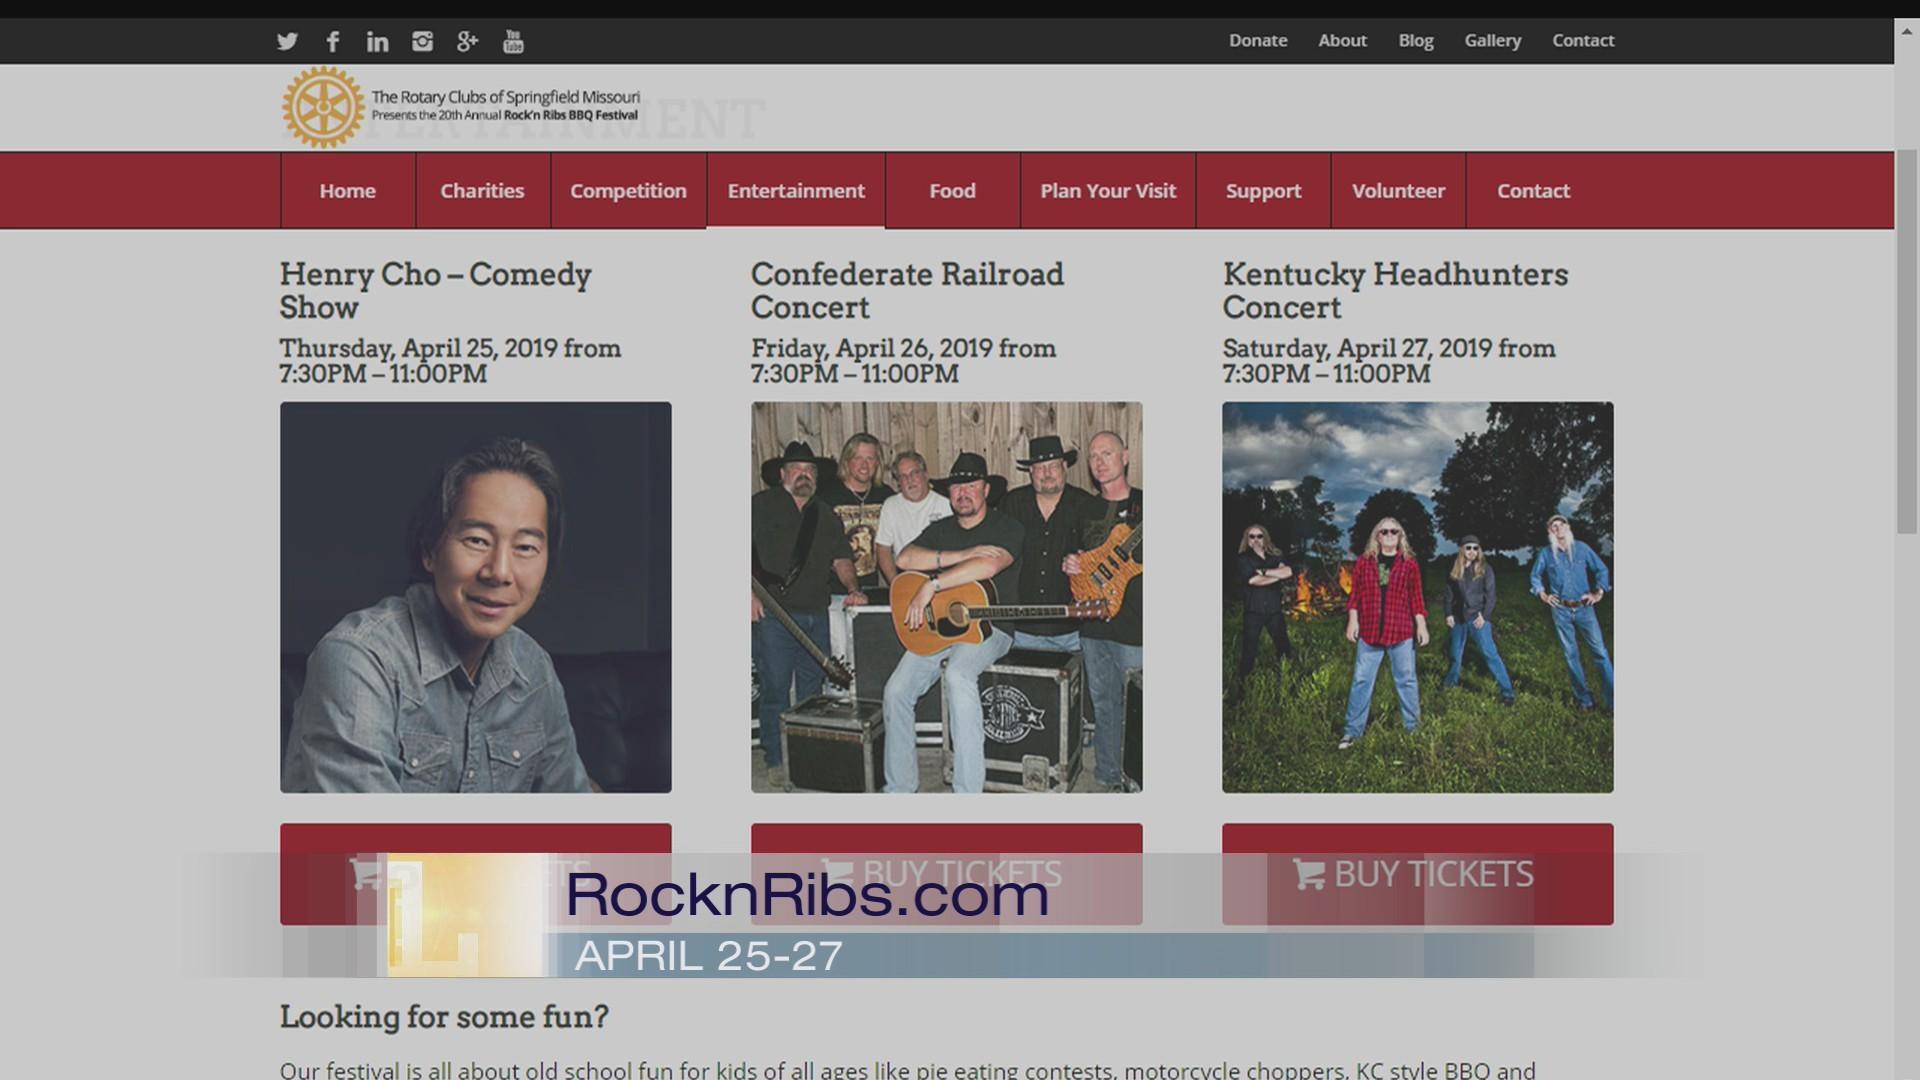 20th Annual Rock'n Ribs - 4/10/19